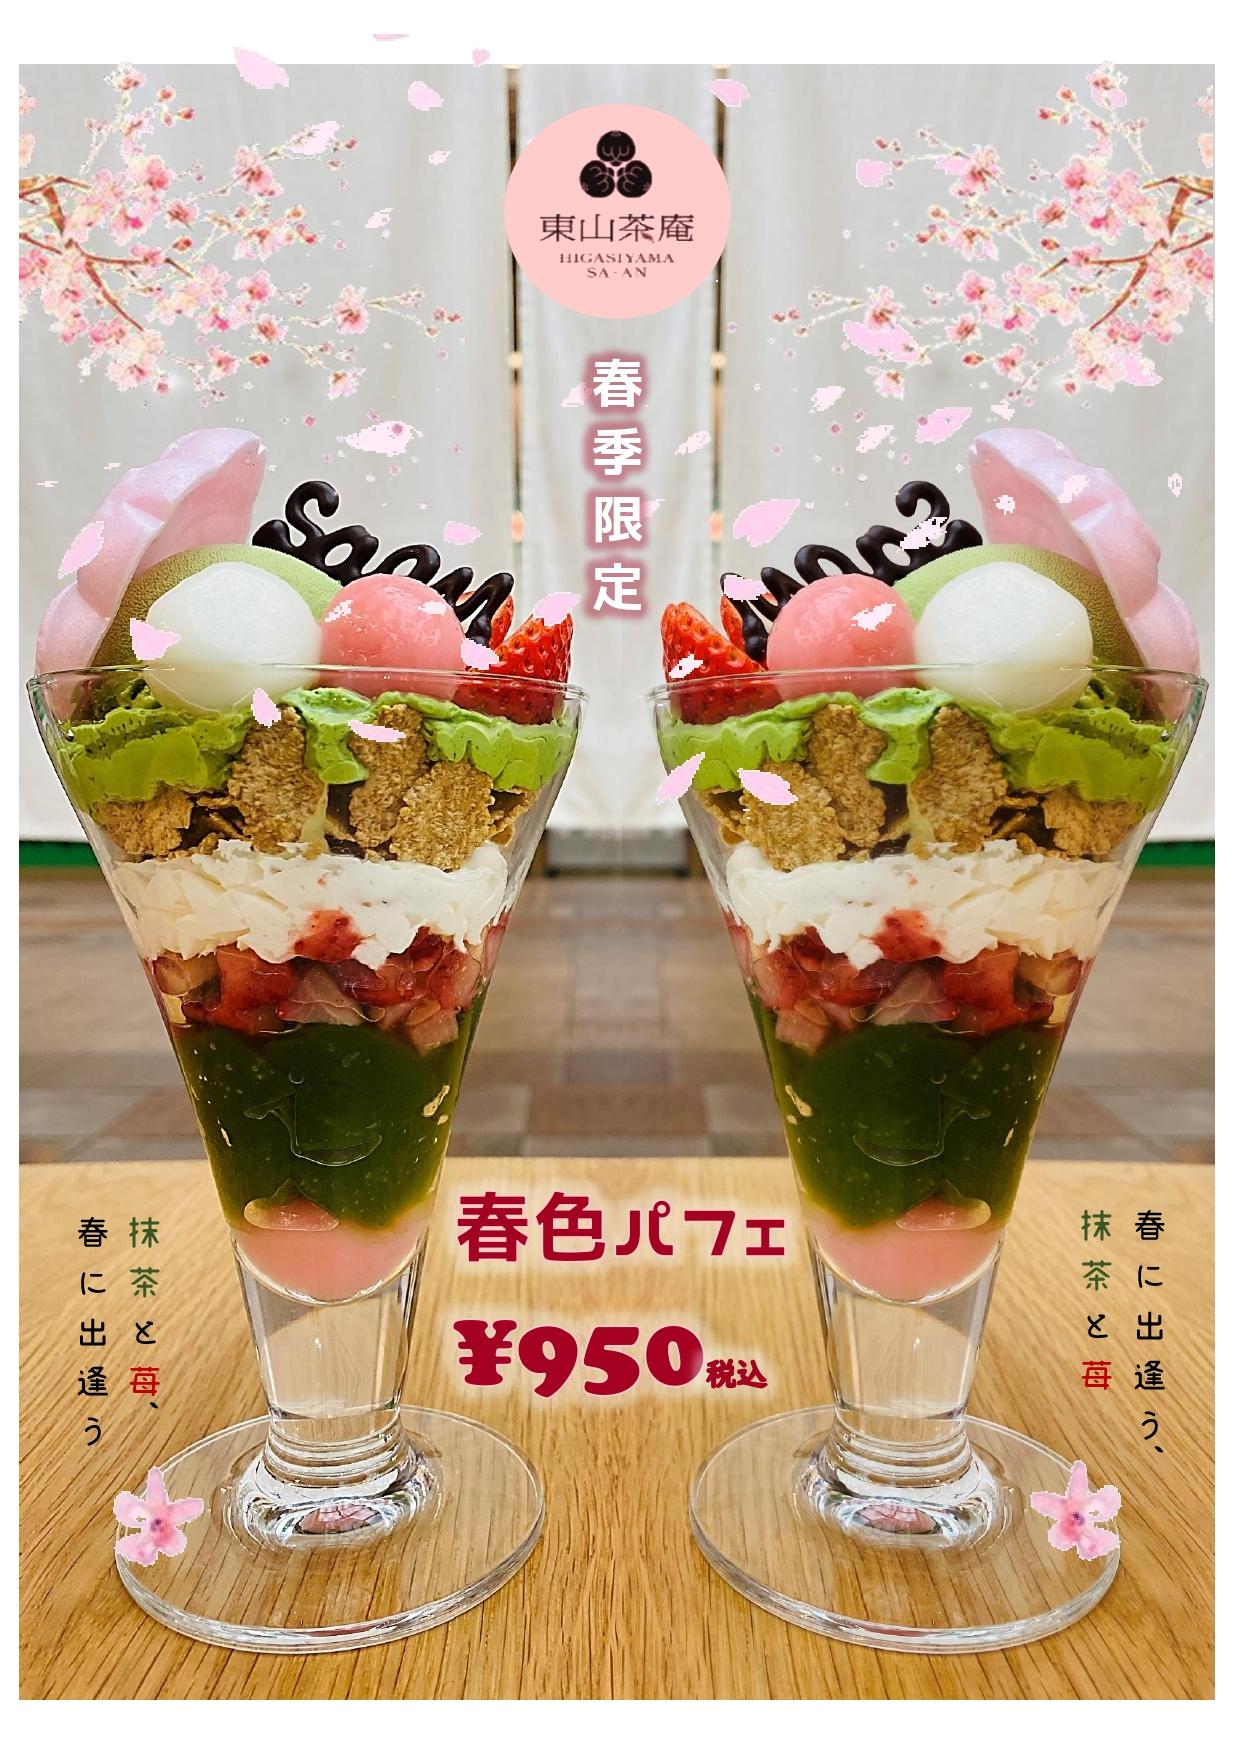 東山茶庵 新商品春色パフェ